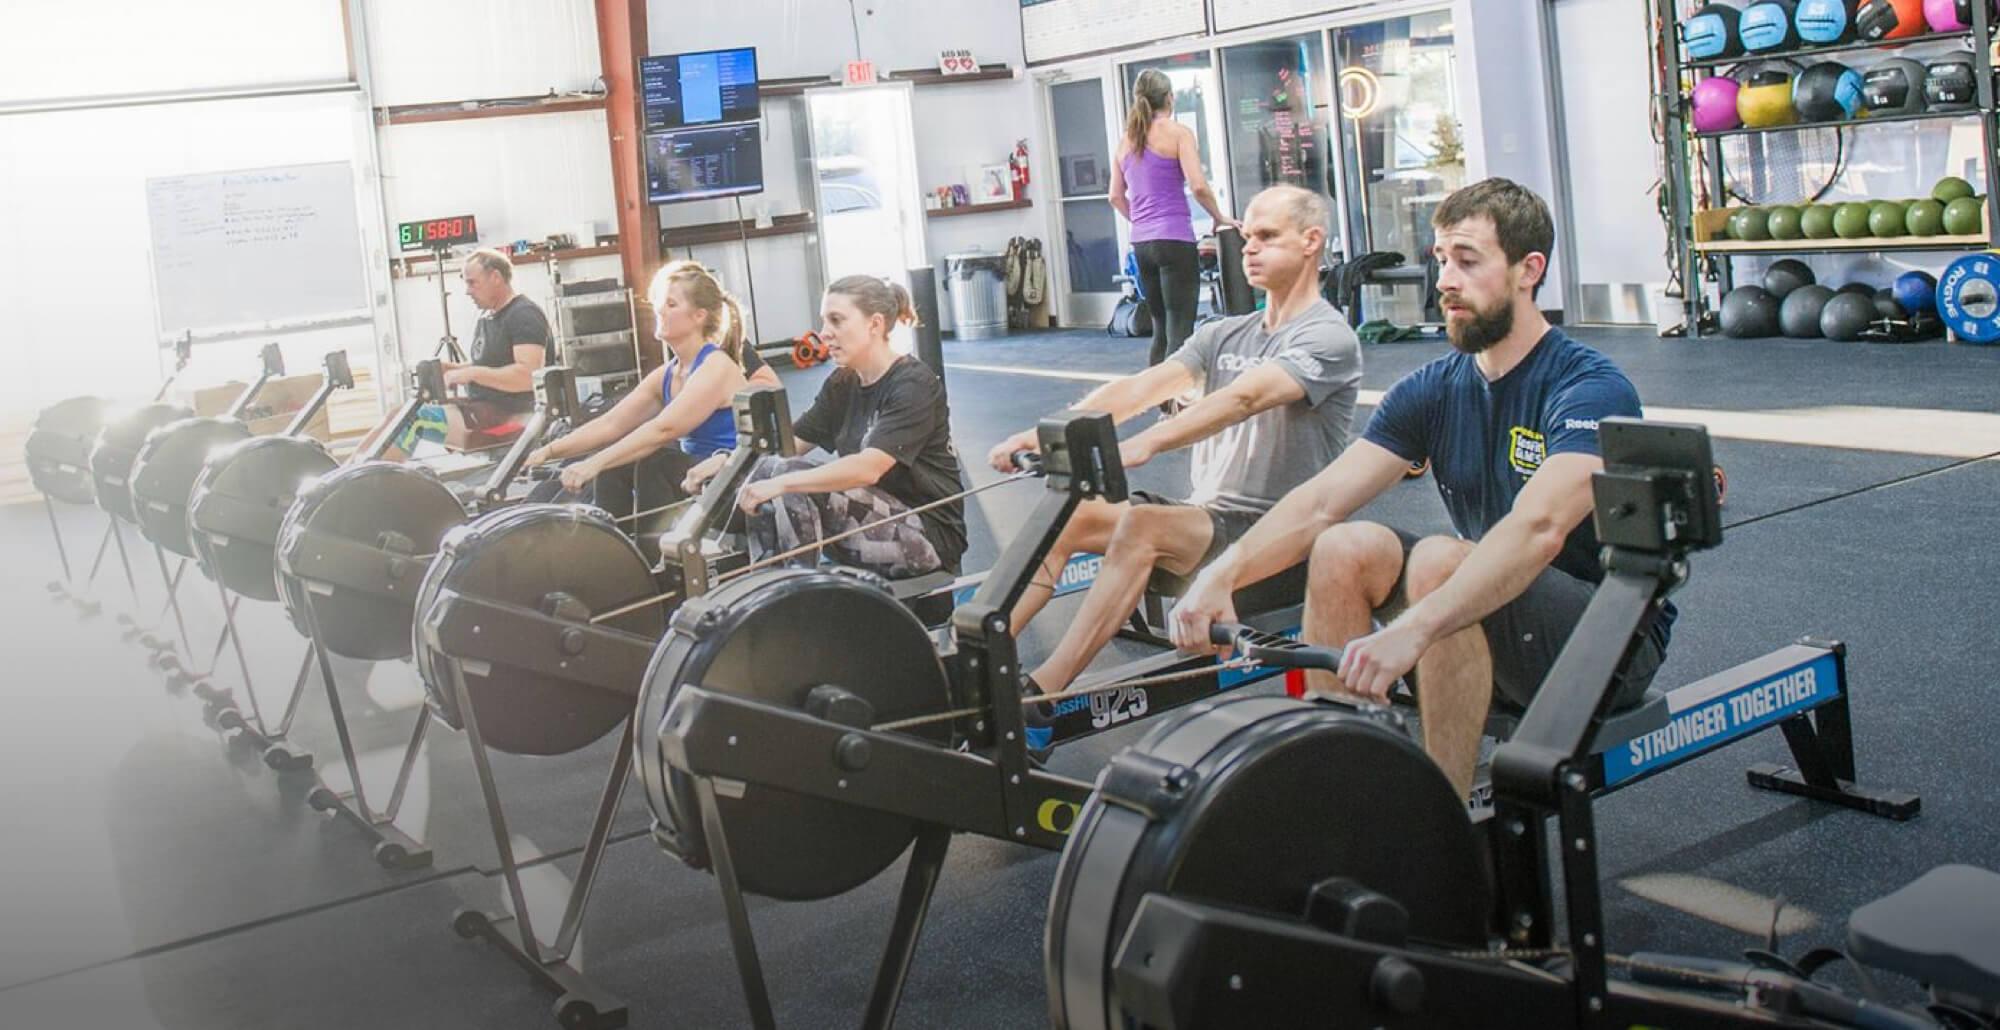 Top crossfit gyms in san antonio